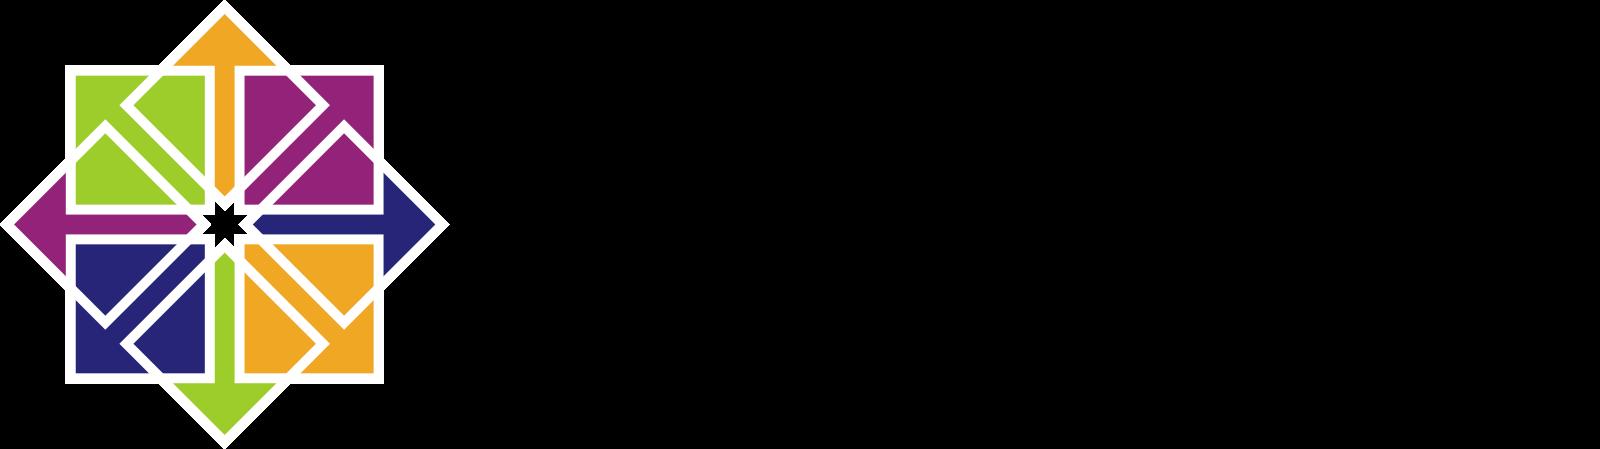 centos-logo-2